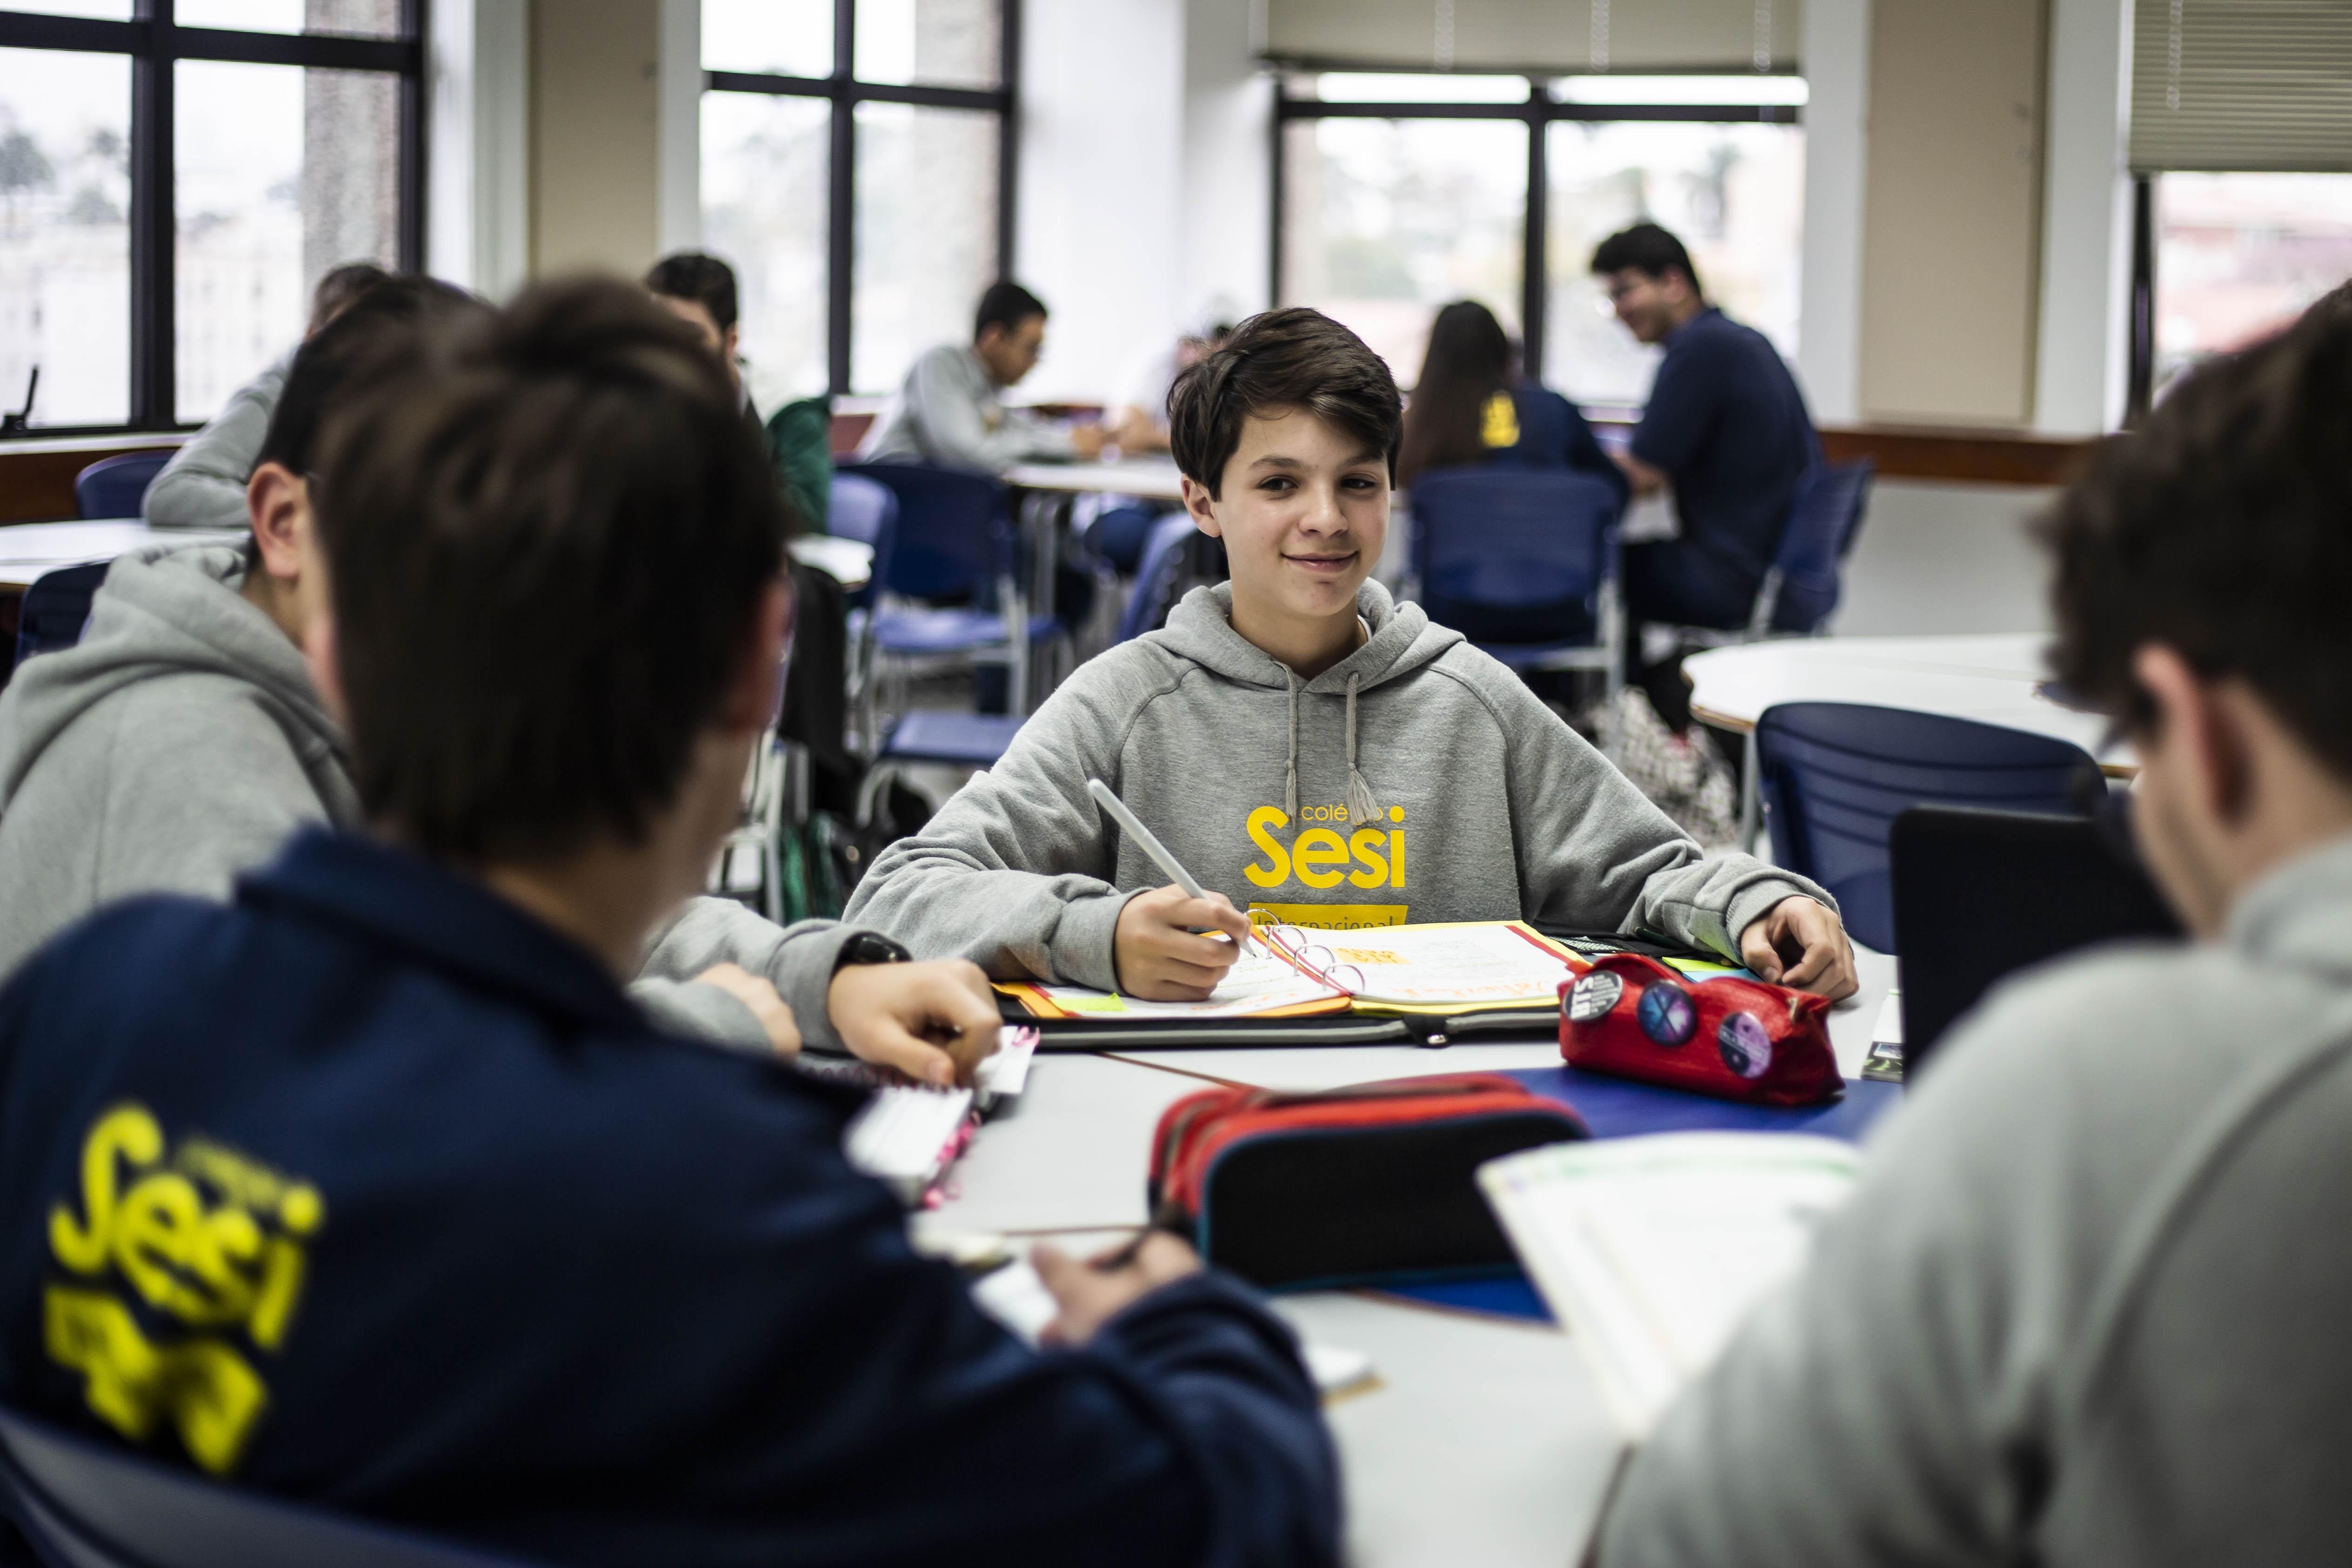 High school prepara alunos para estudar e trabalhar em outros países - Notícias - Plantão Diário